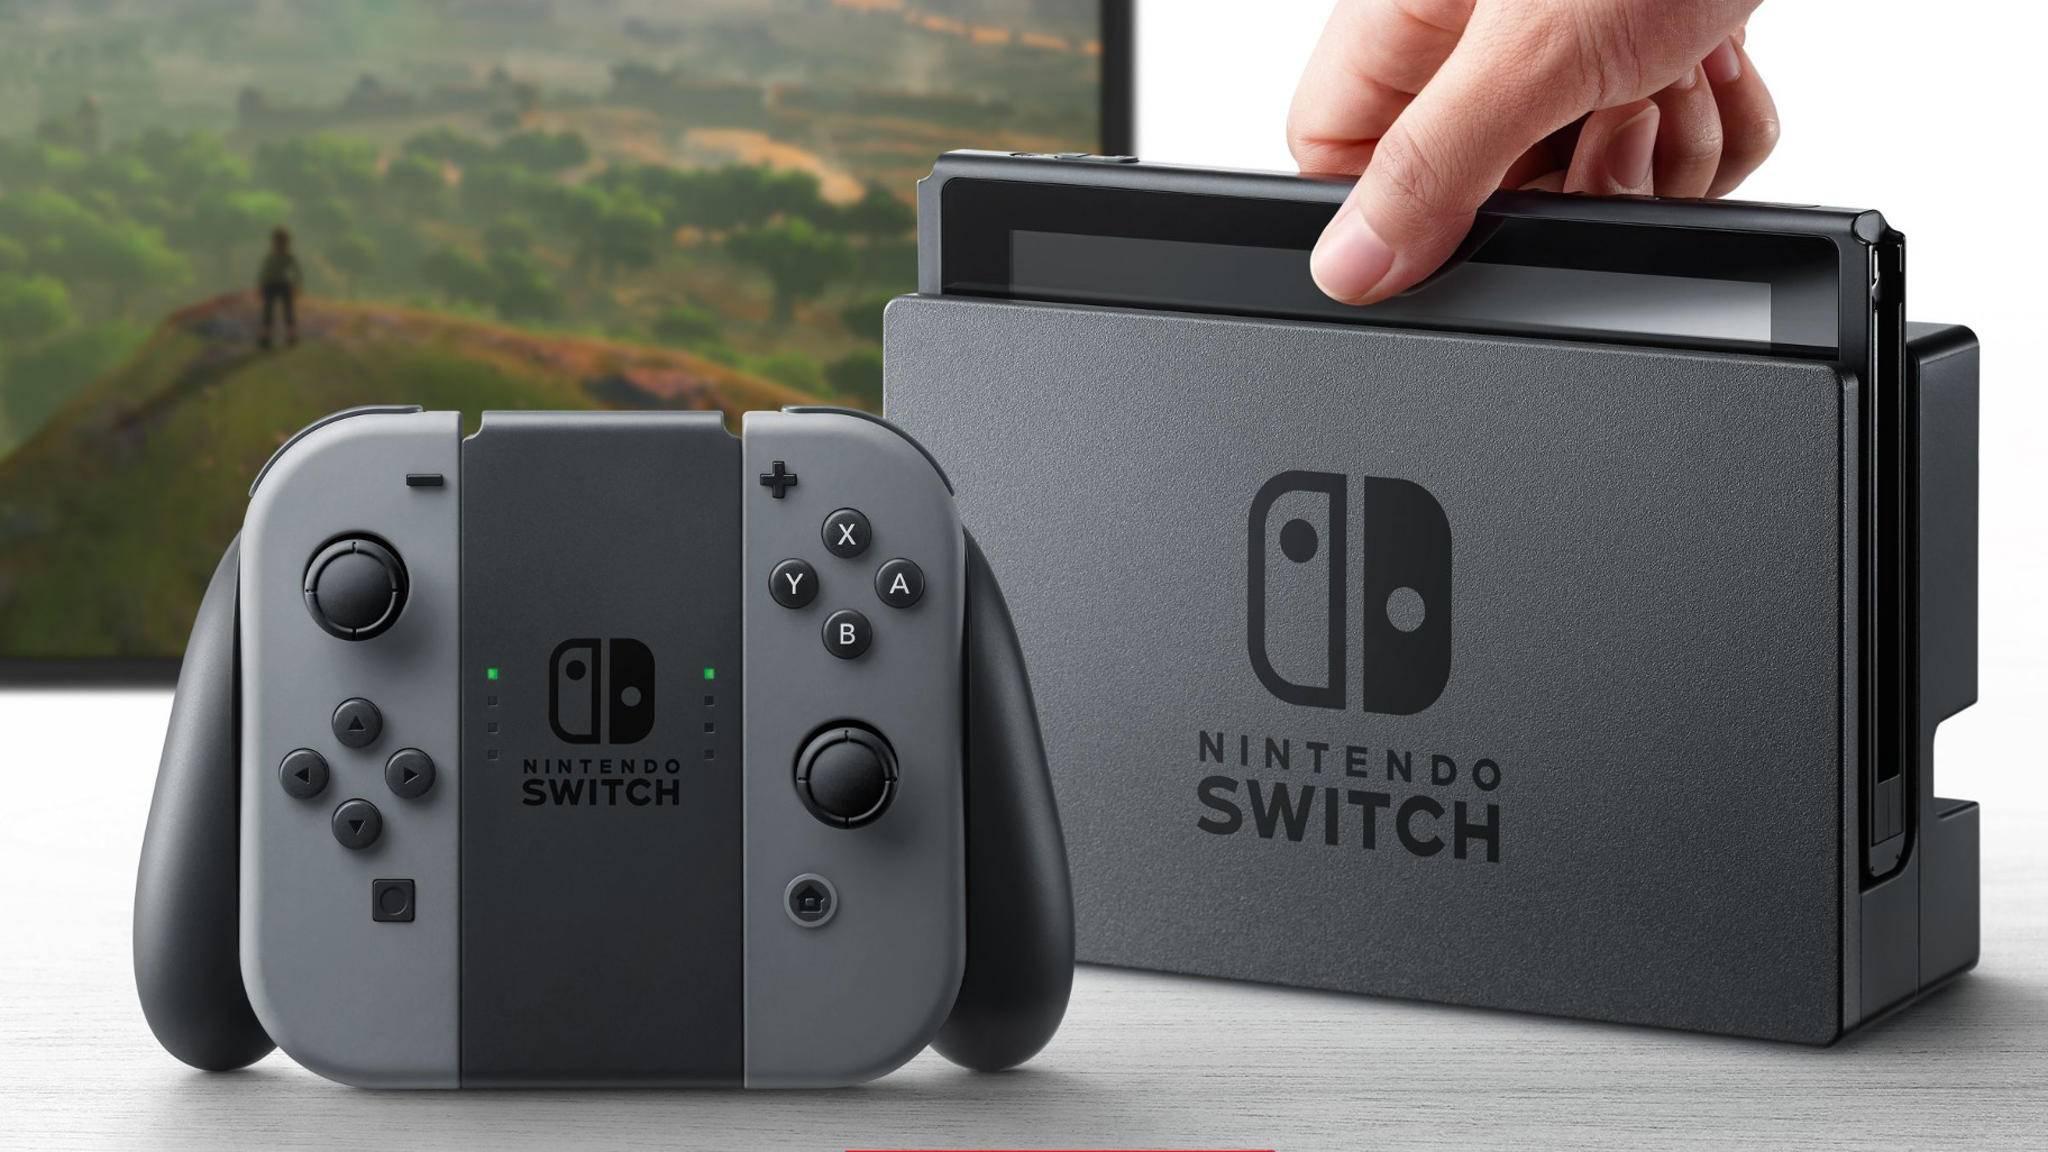 Download-Spiele bleiben auch auf der Nintendo Switch ein problematisches Thema.